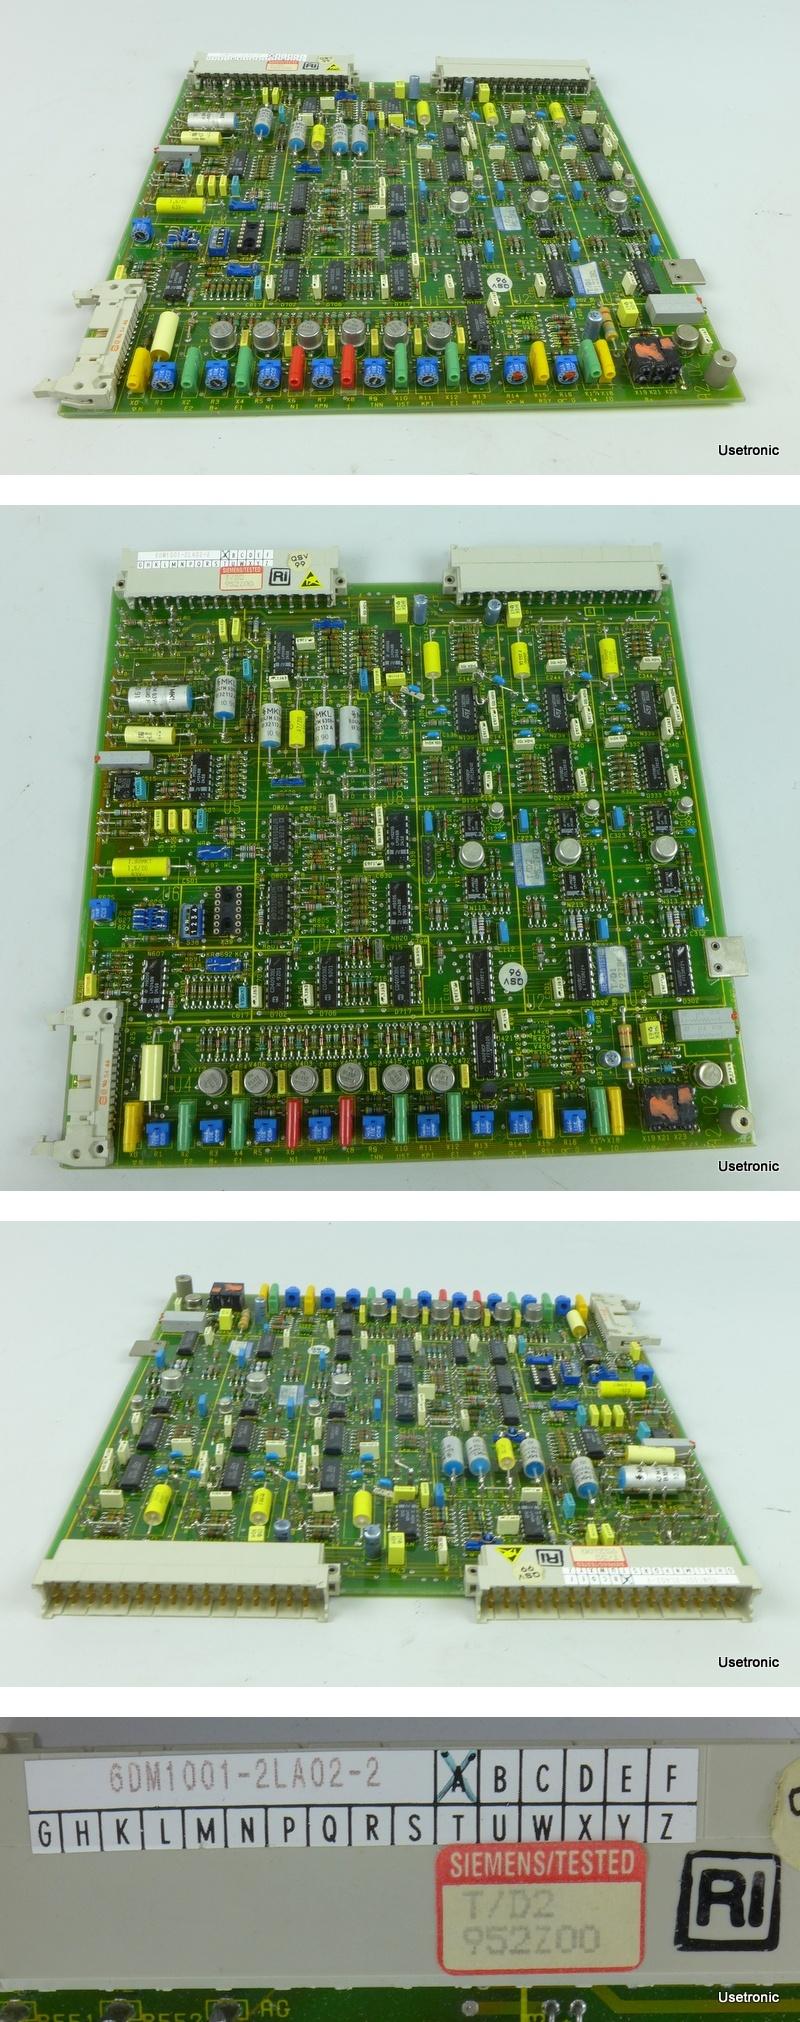 Siemens 6DM1001-2LA02-2